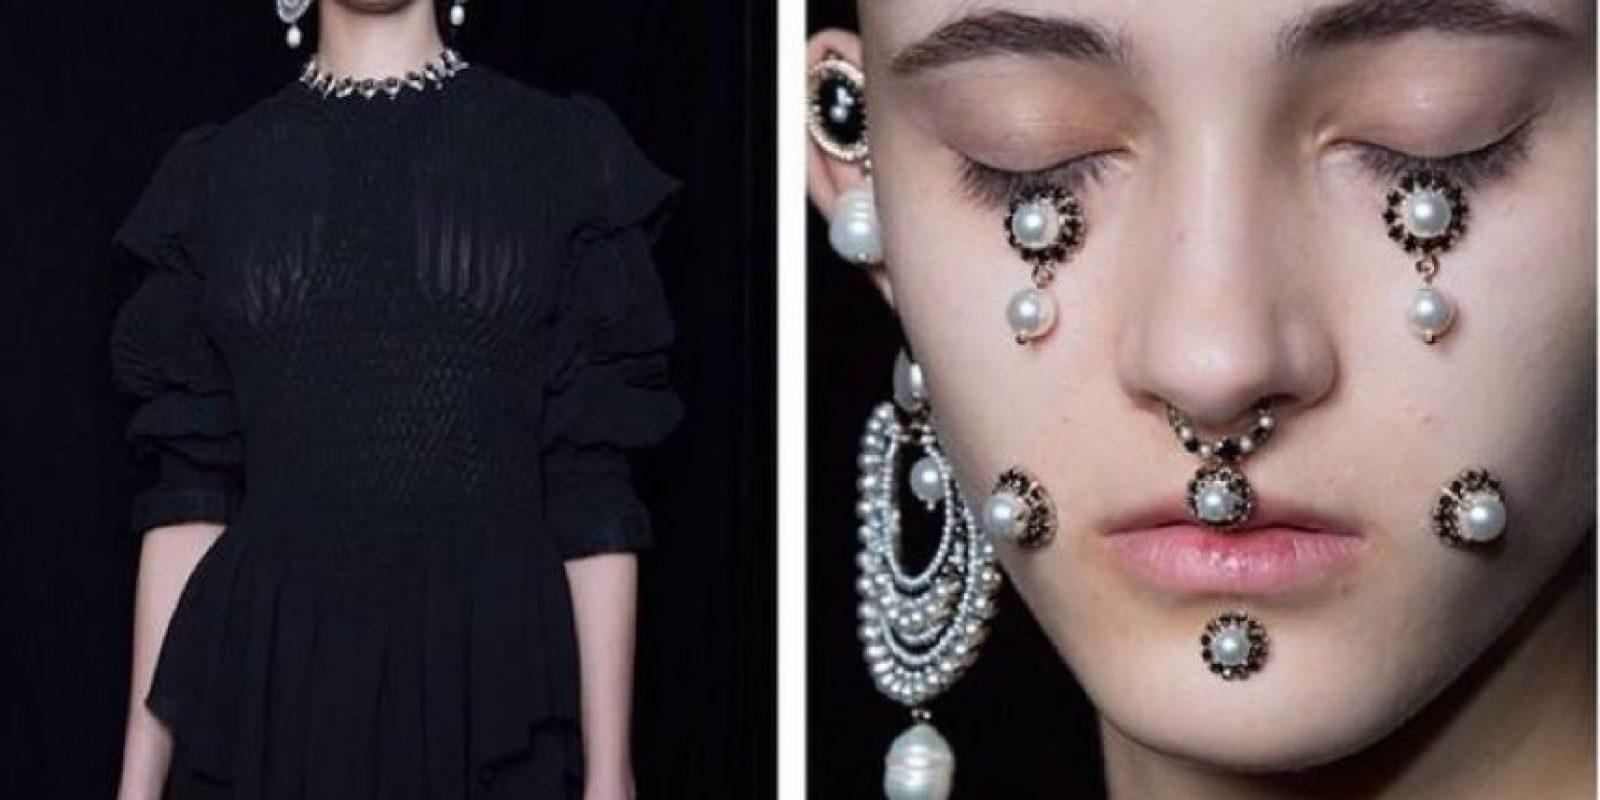 Esto lo presentó para Givenchy. Foto:Twitter